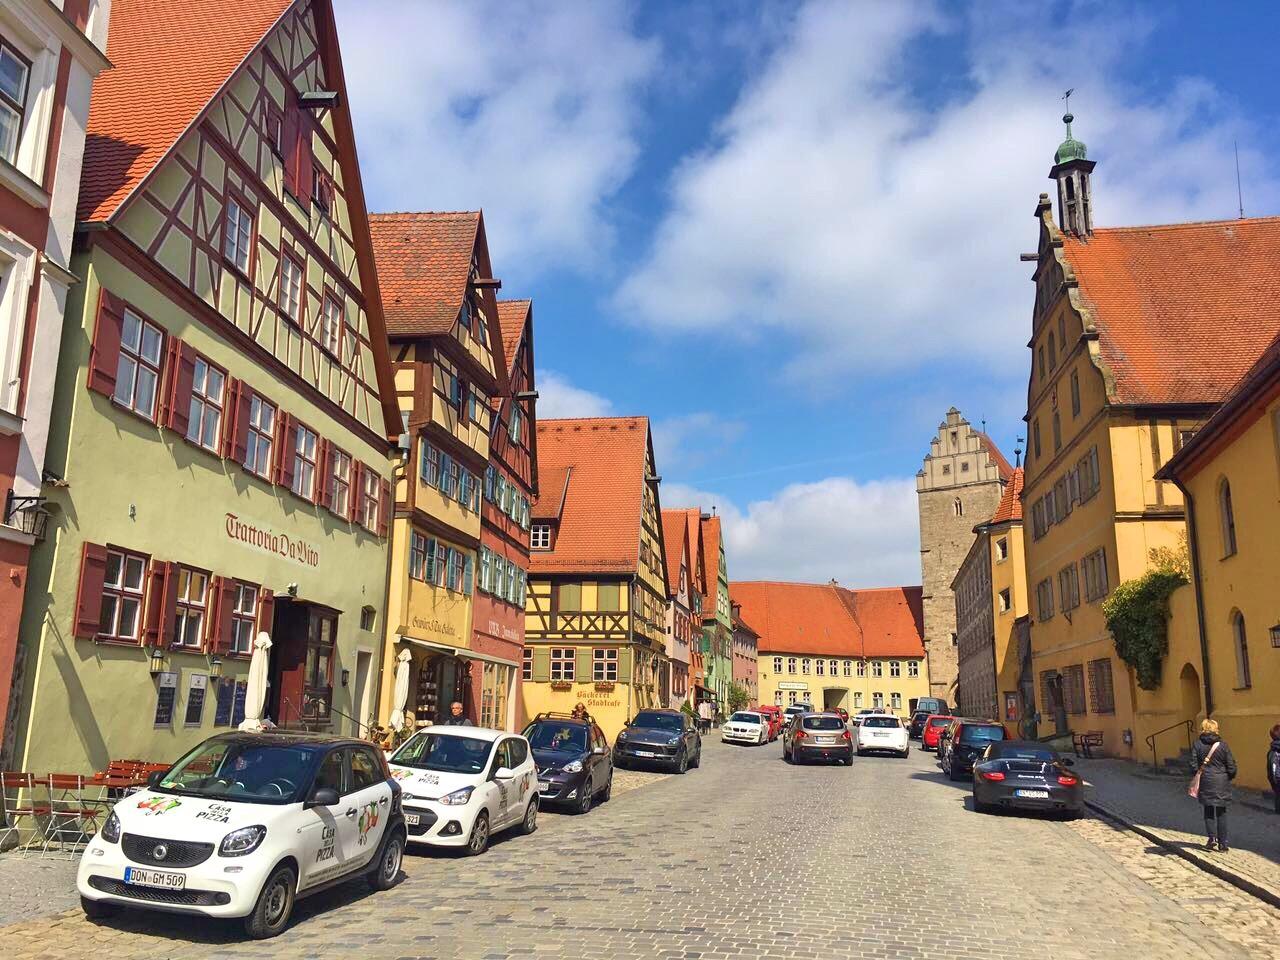 Spontaner Kurztrip gefällig? Wie wäre es mit Fachwerkhäusern in Ortschaften rund um die Metropolregion Nürnberg?